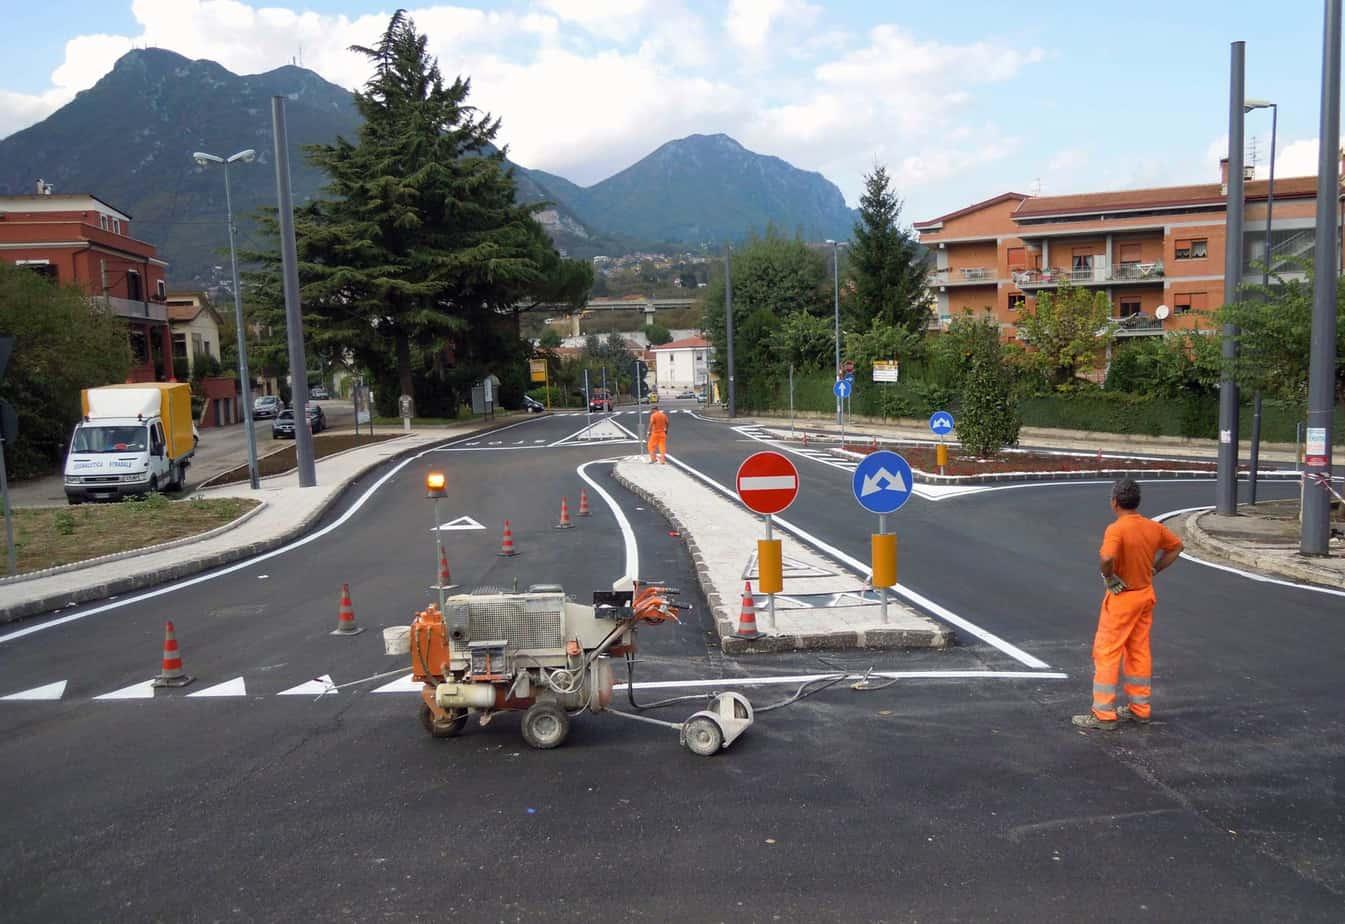 Sono pochi gli Enti proprietari di strade che si sono dotati del progetto di segnaletica previsto dall'art. 77 c. 2 Reg.